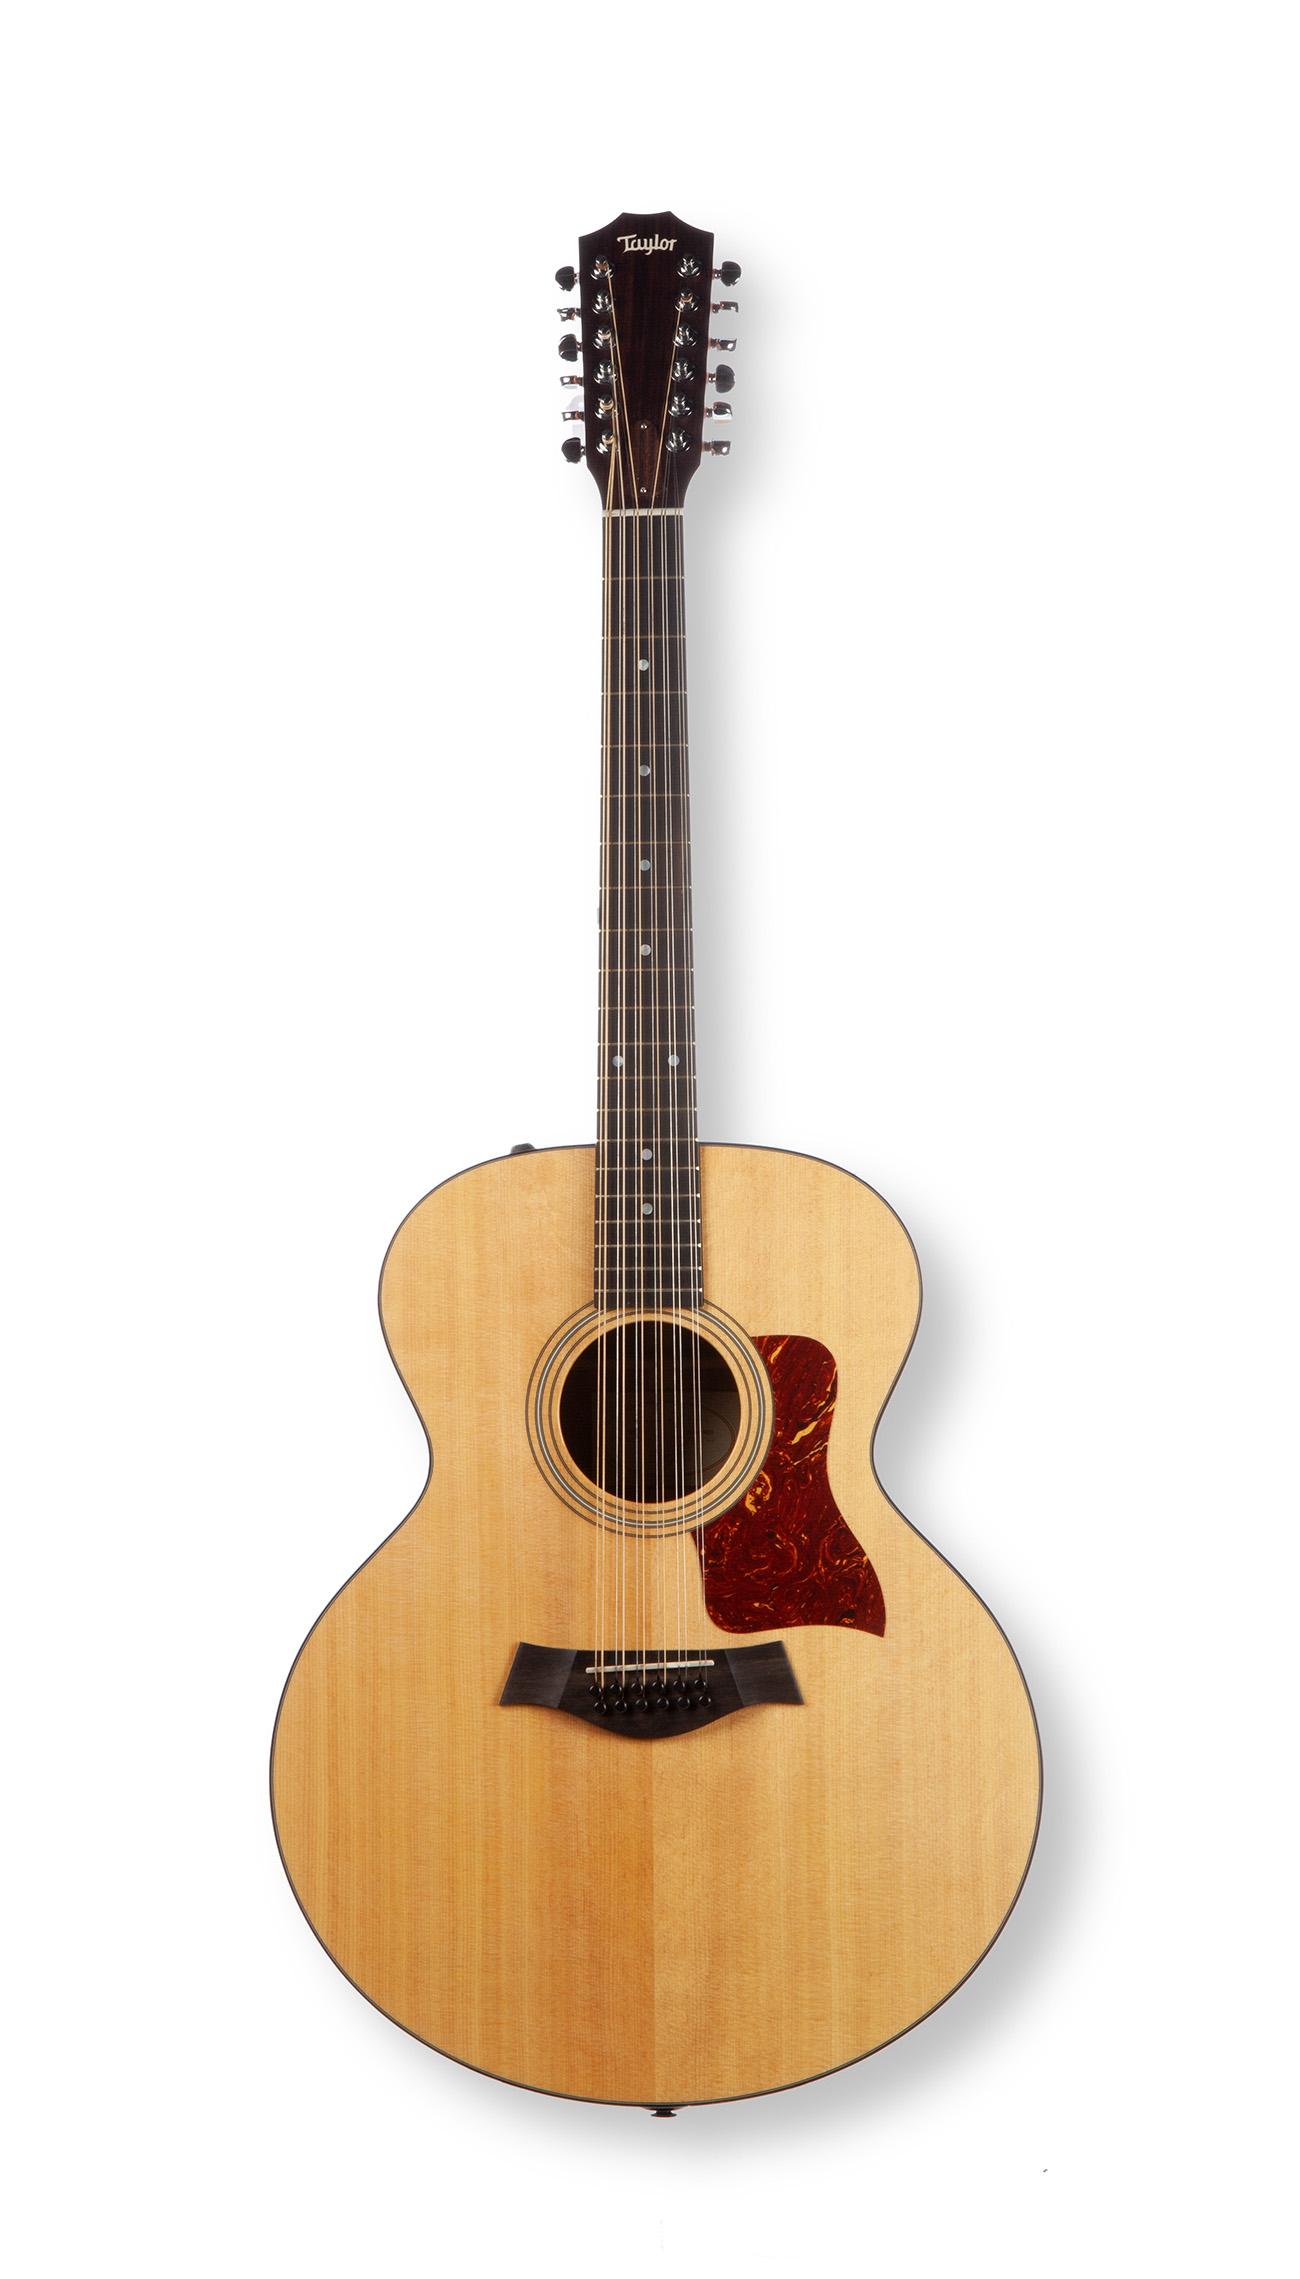 Guitarra acústica Taylor. 2002